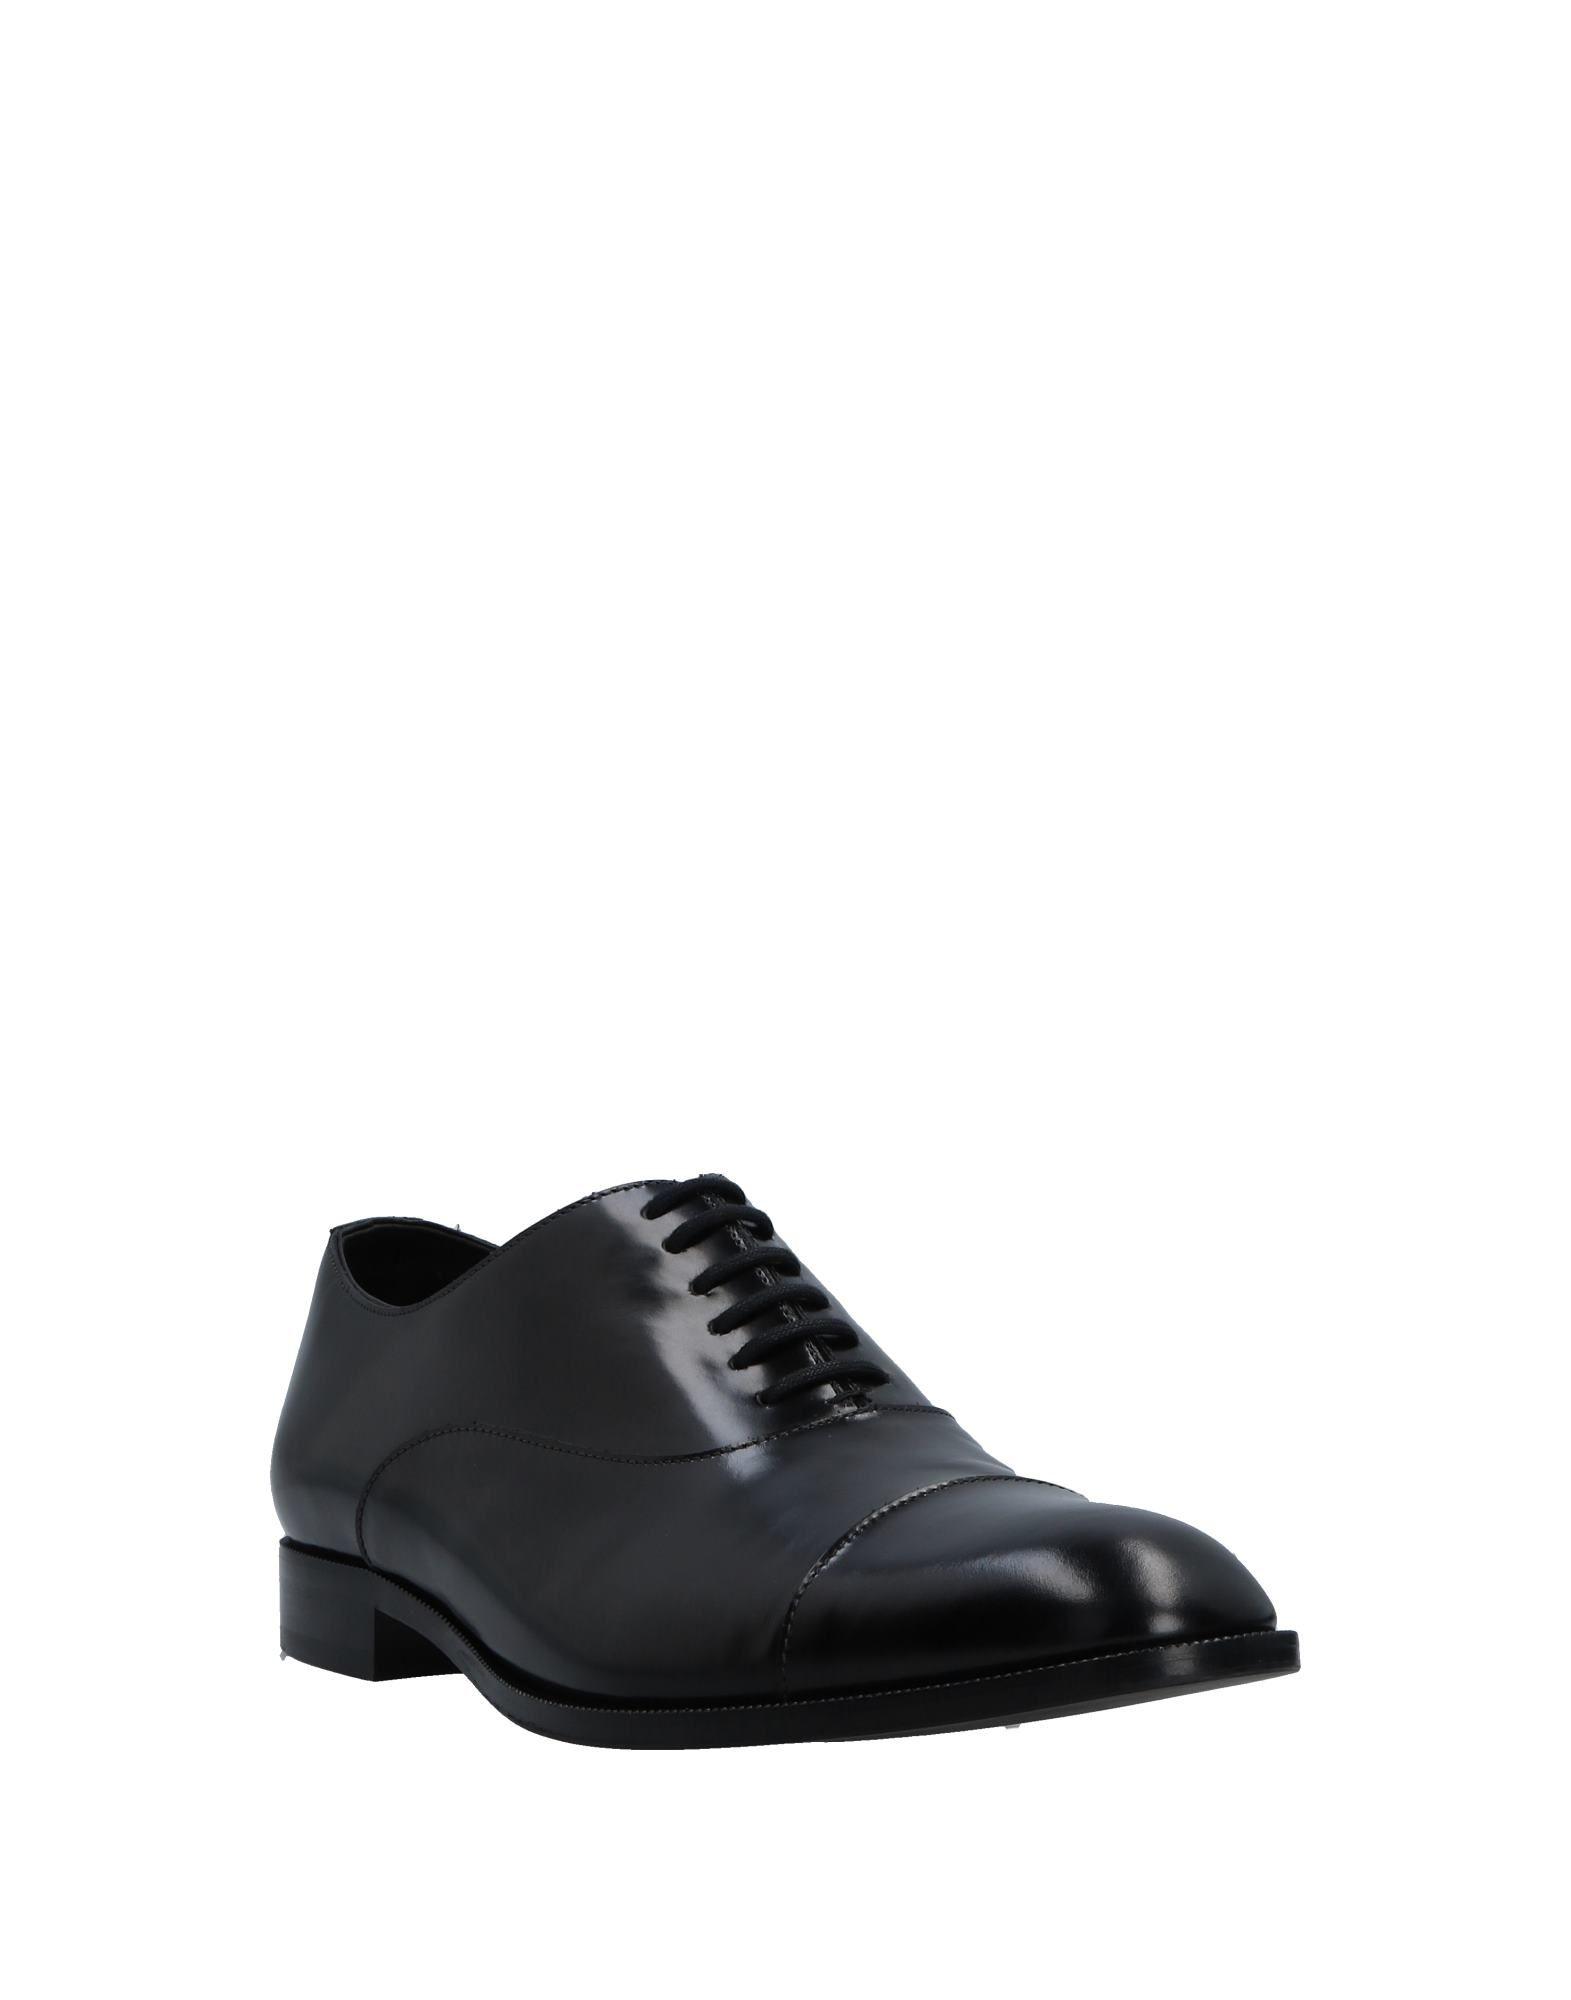 Emporio Armani Schnürschuhe Herren  11529162AB Gute Qualität beliebte Schuhe